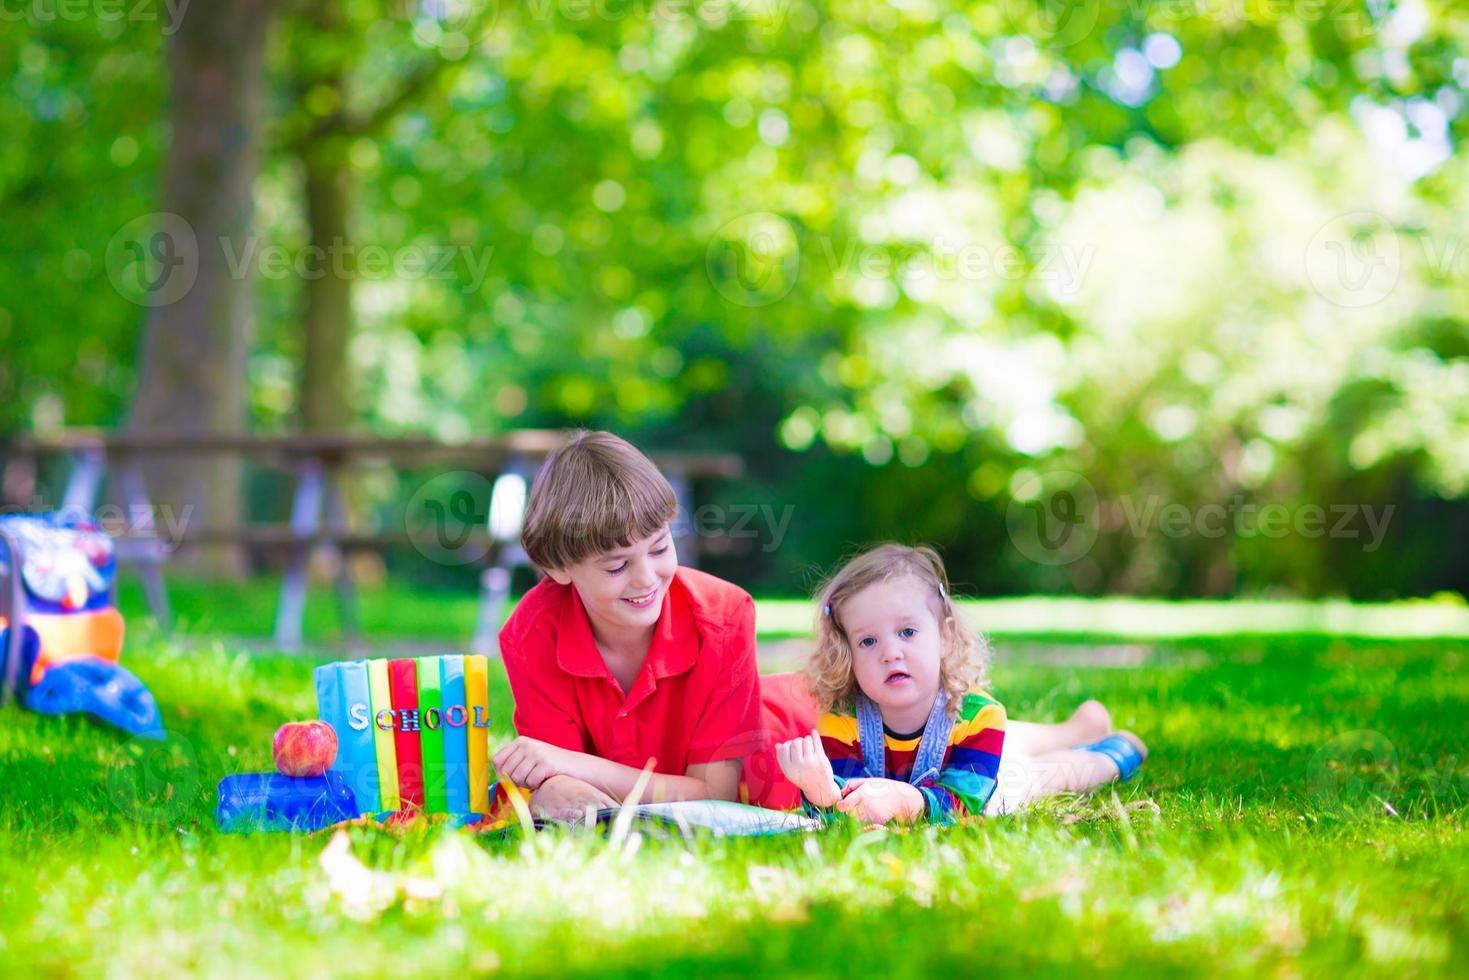 bambini nel cortile della scuola foto